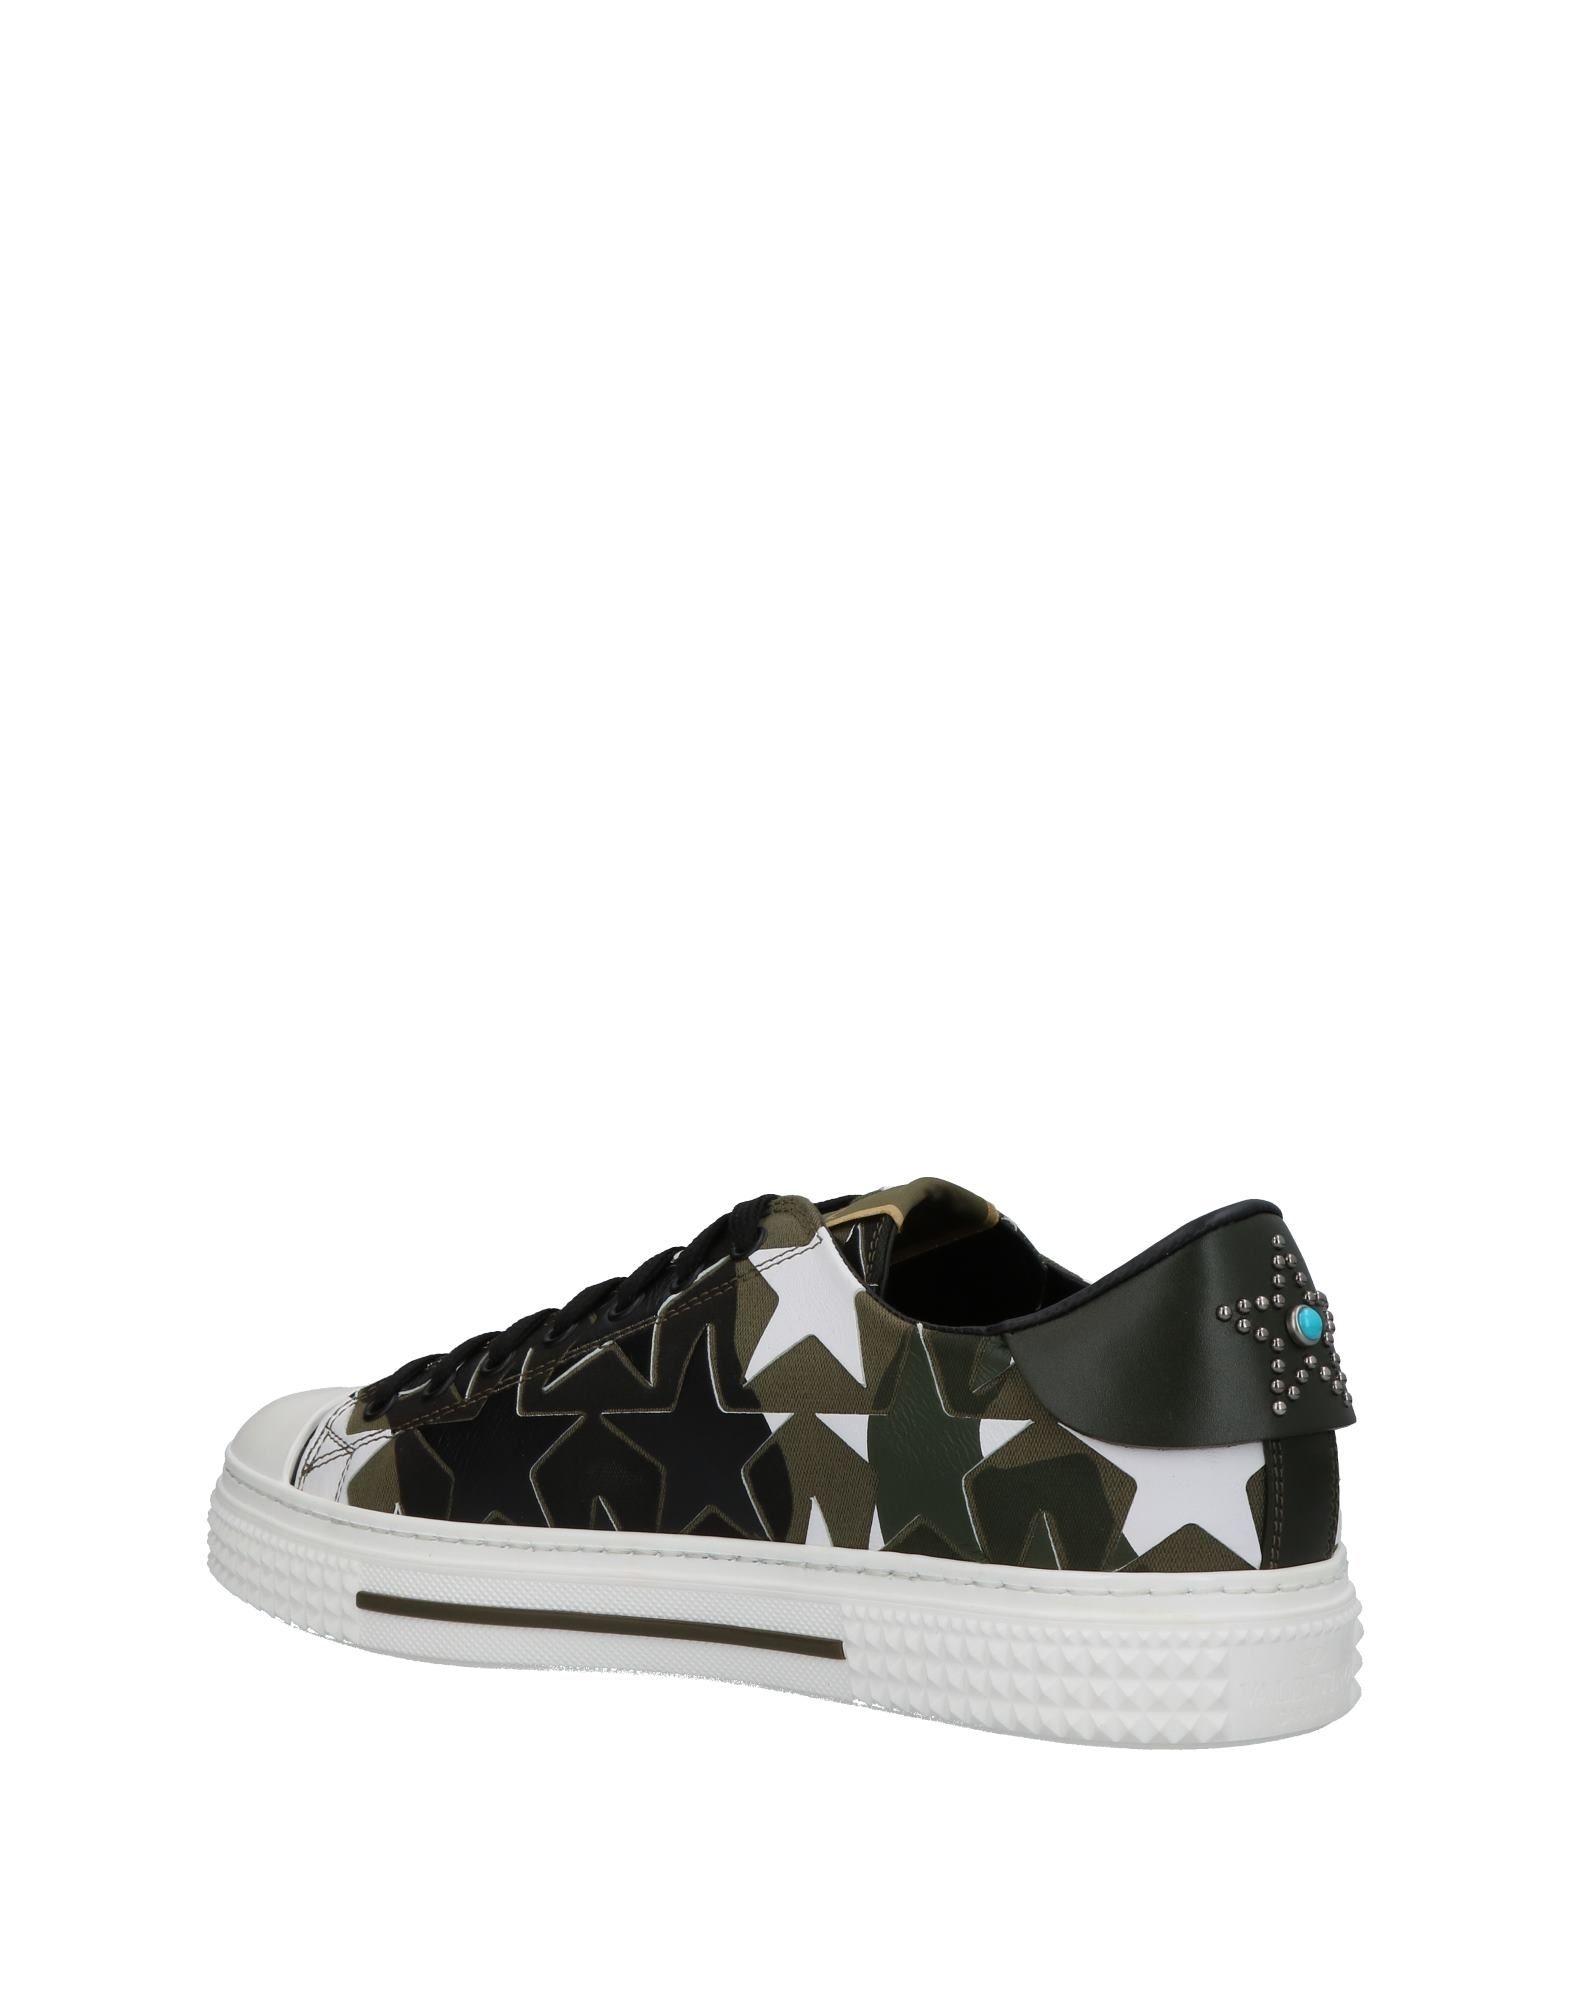 Valentino Garavani Herren Sneakers Herren Garavani  11383882SX  b921ac